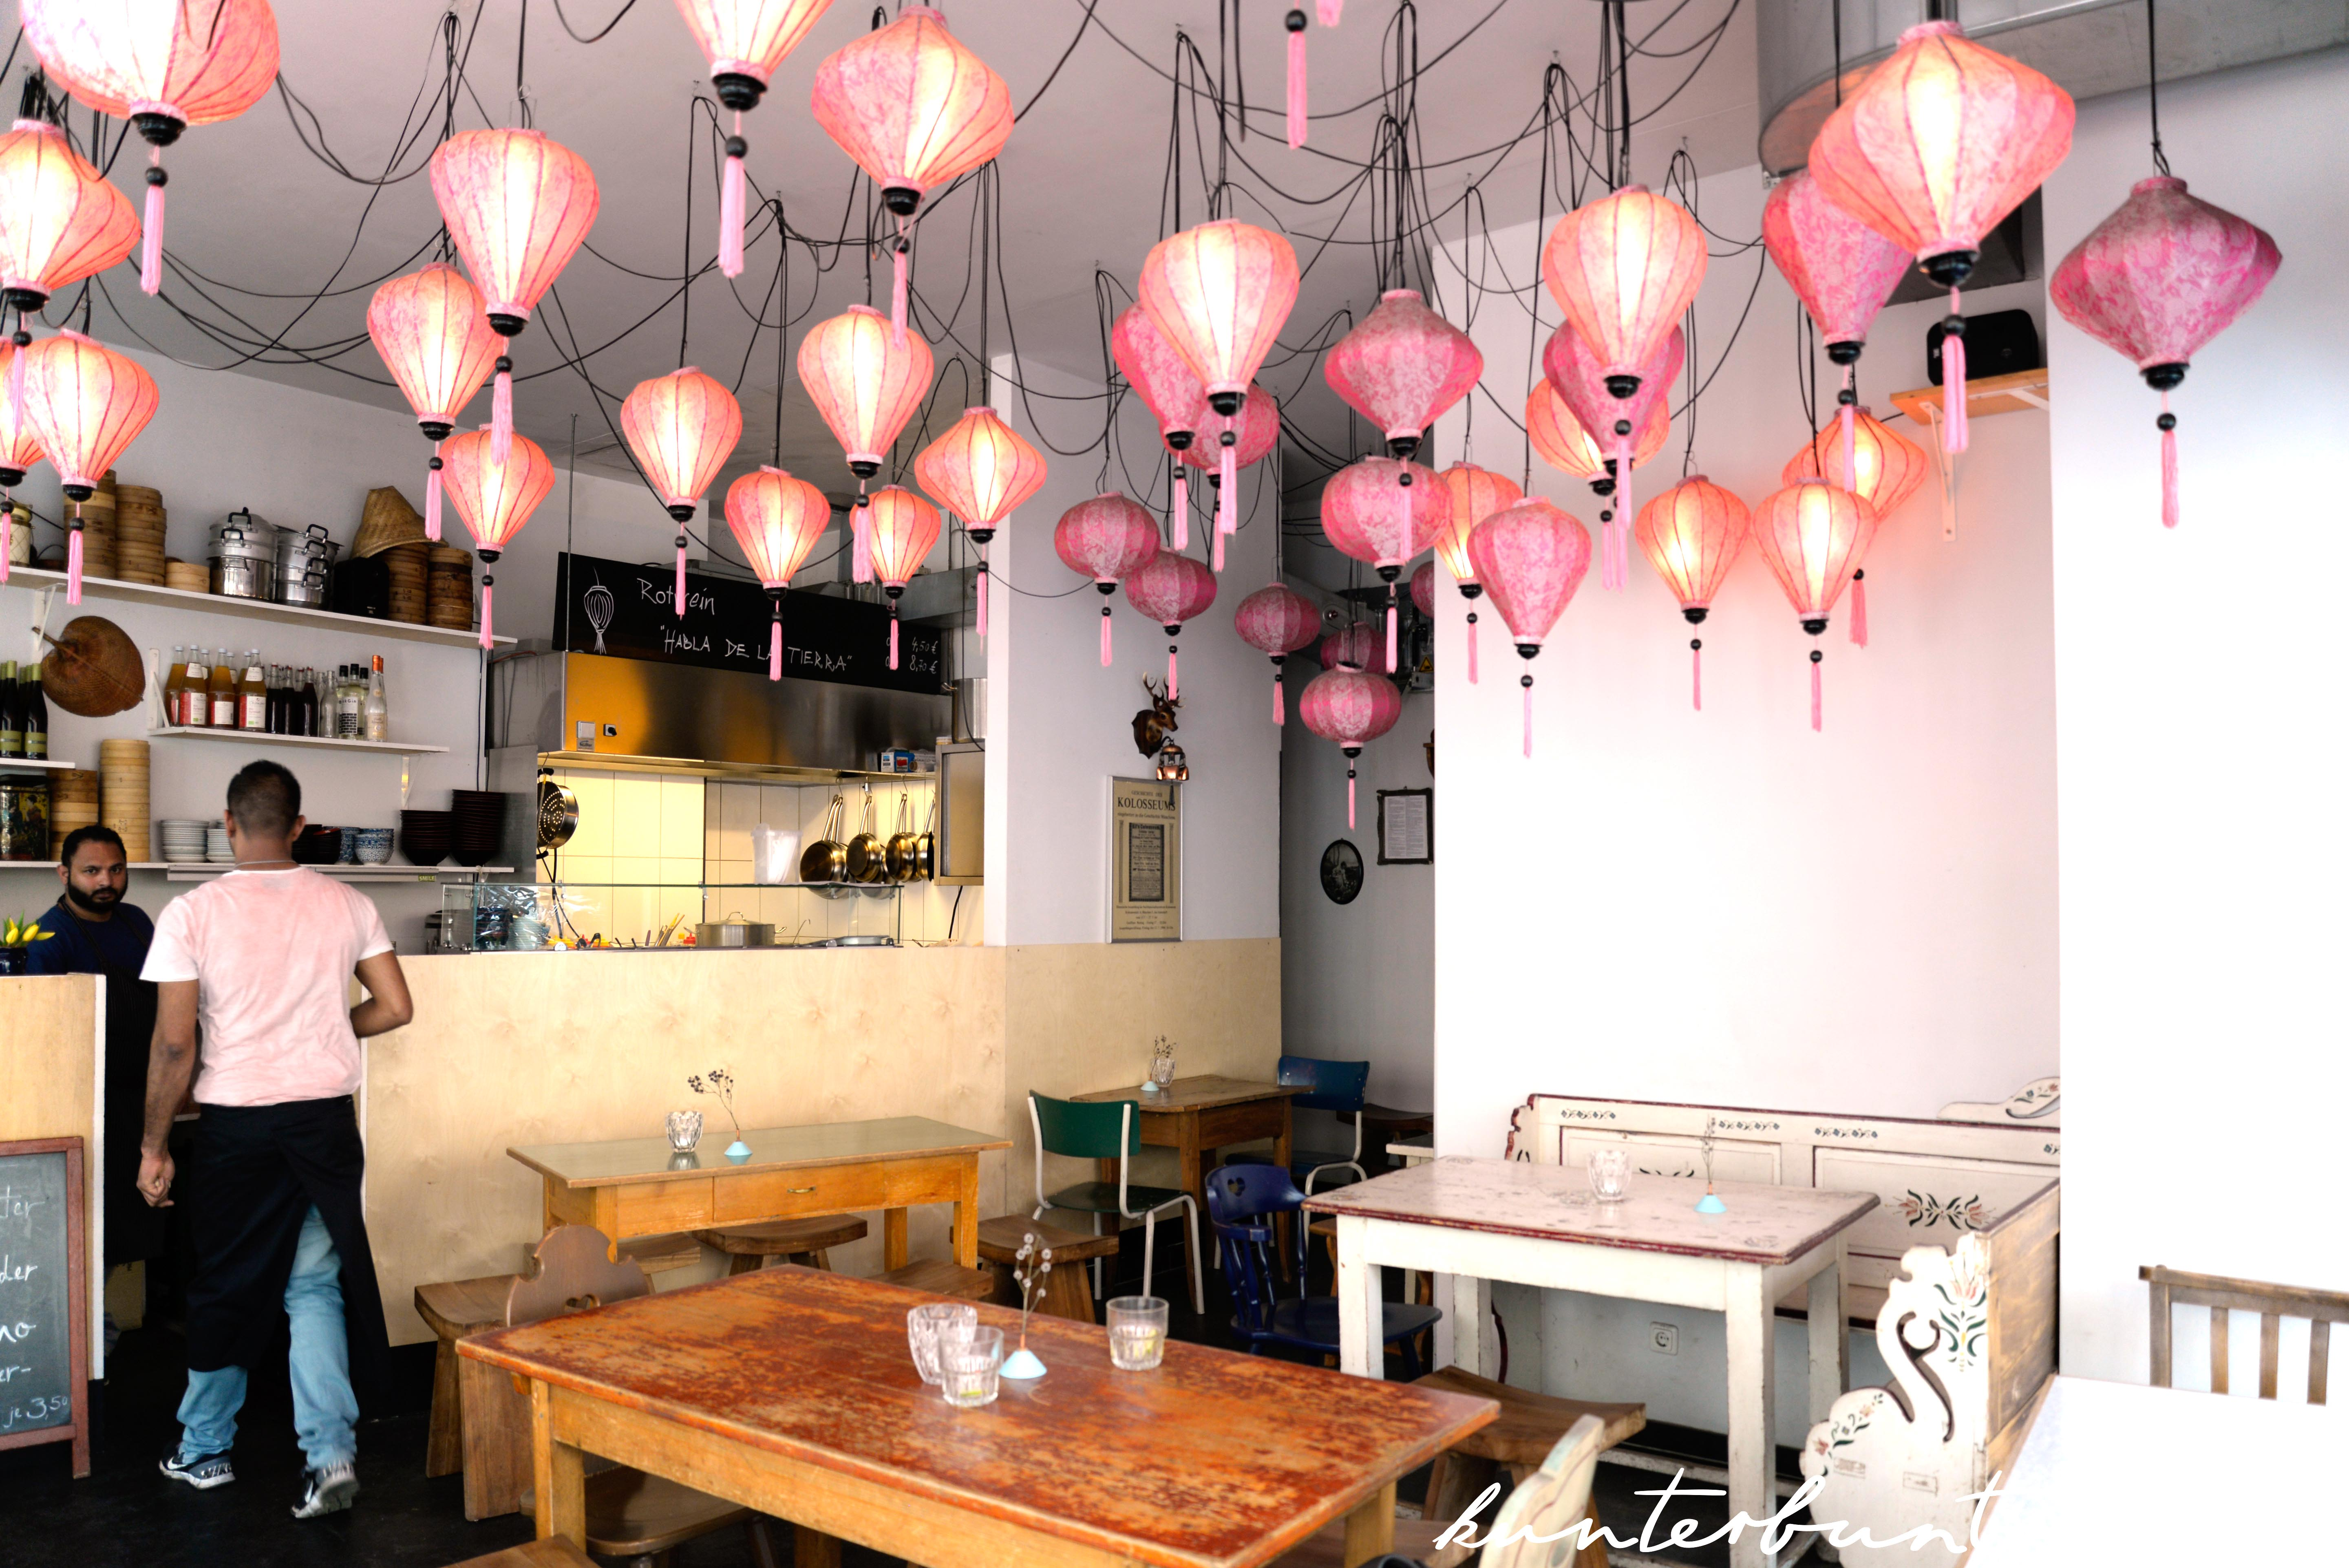 restaurant tipp m nchen fei scho vietnam in bayern kunterbuntweissblau i food und. Black Bedroom Furniture Sets. Home Design Ideas